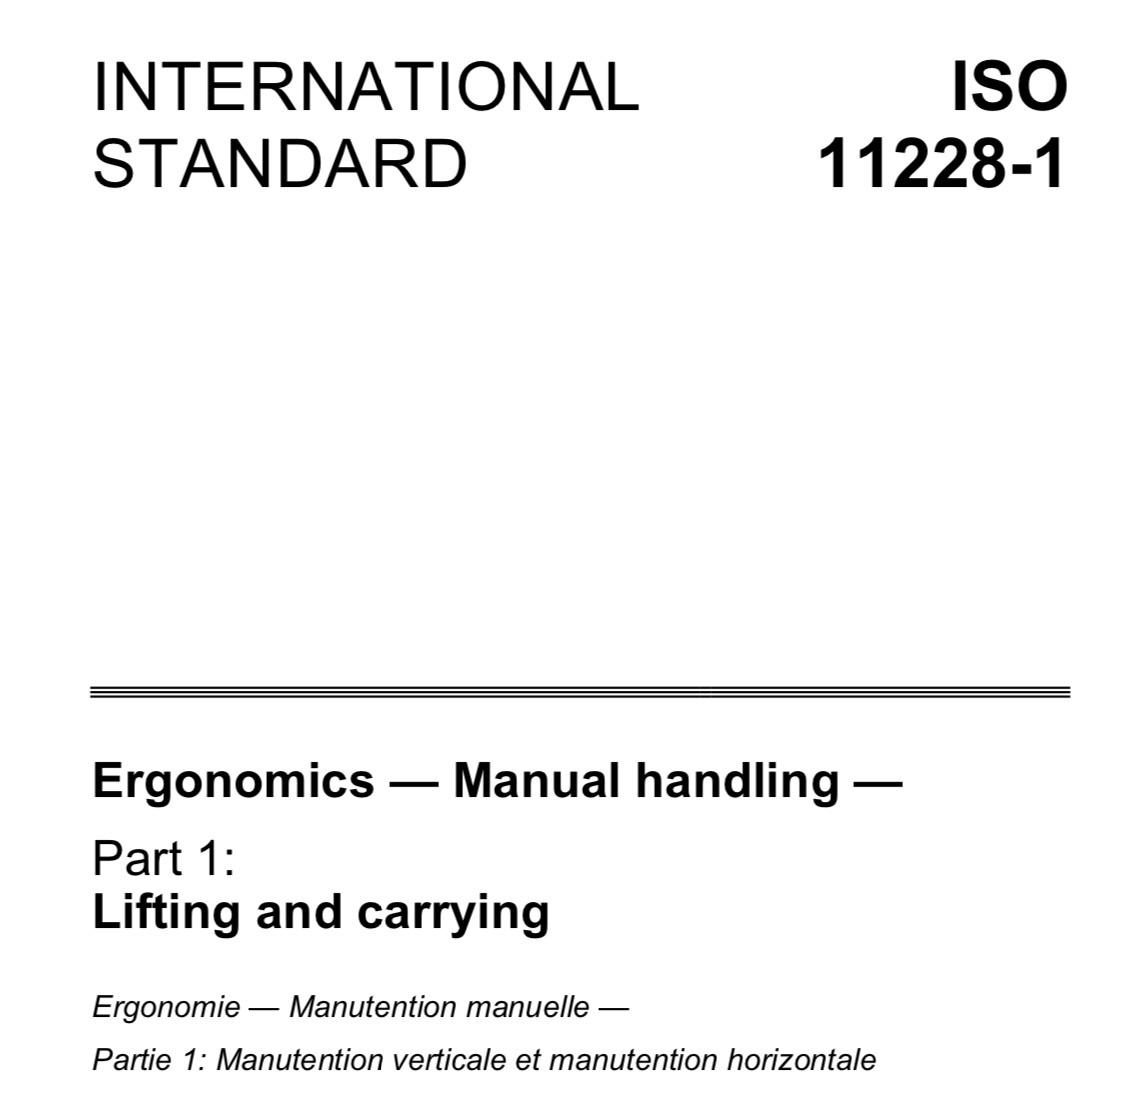 Sovraccarico biomeccanico: la revisione della norma ISO 11228-1